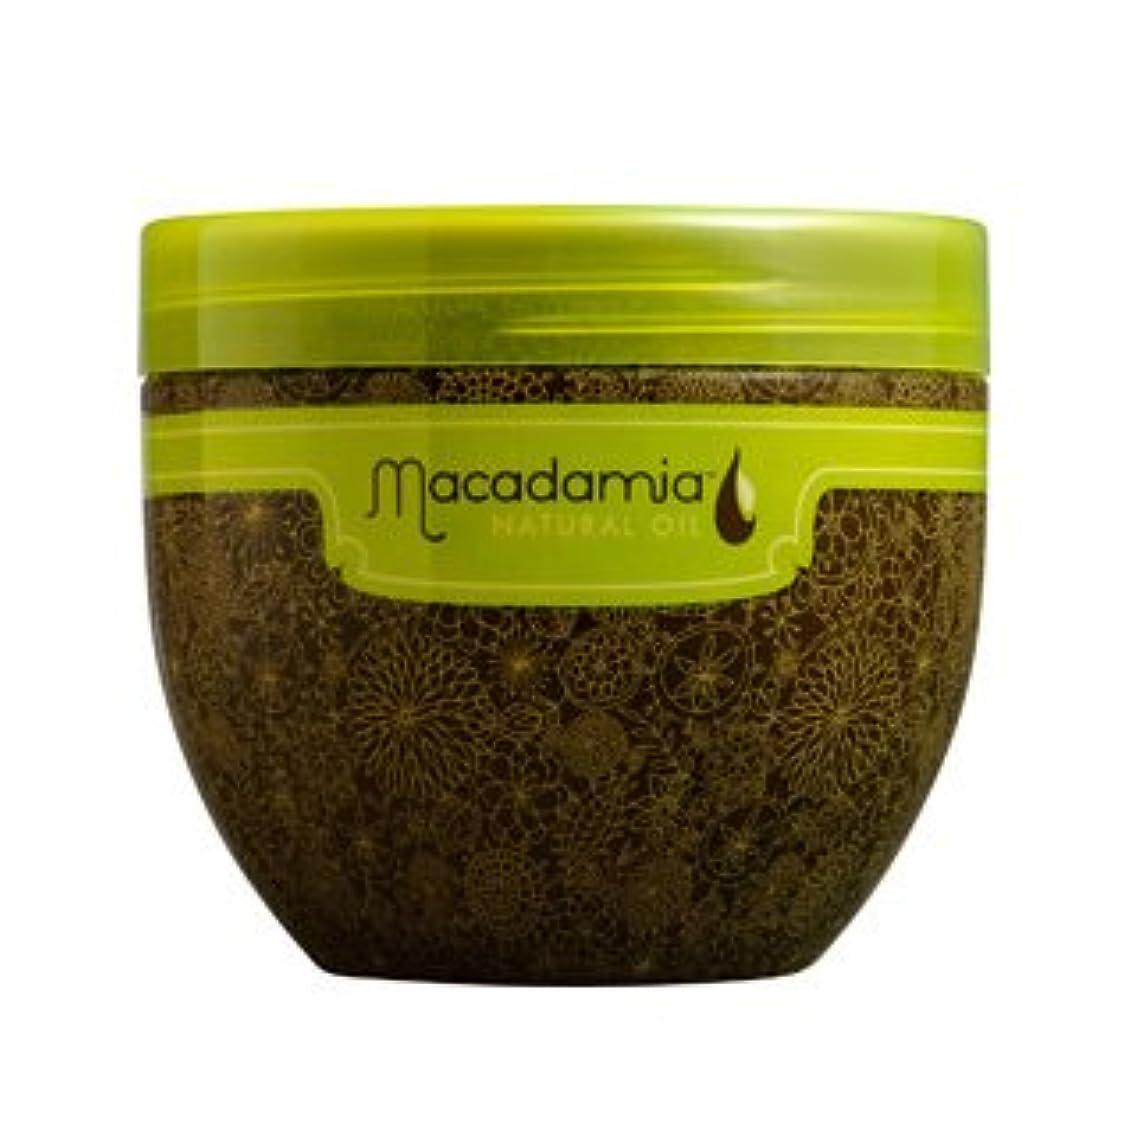 賭け騒々しい引用マカダミア ナチュラルオイル(Macadamia NATURAL OIL) MNOマスク[並行輸入品]